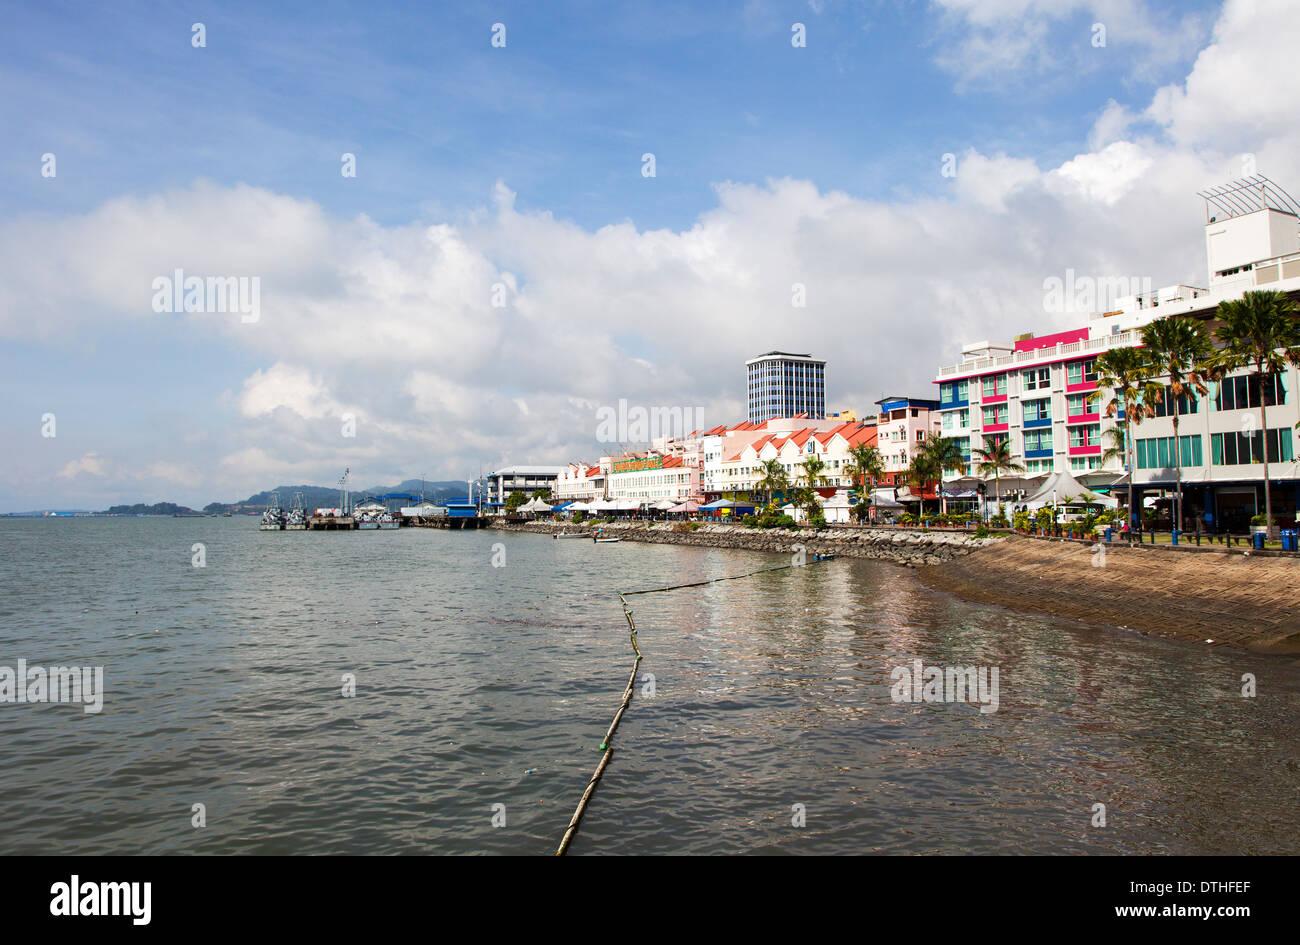 Sandakan Harbour Front, Sabah, Malaysia - Stock Image